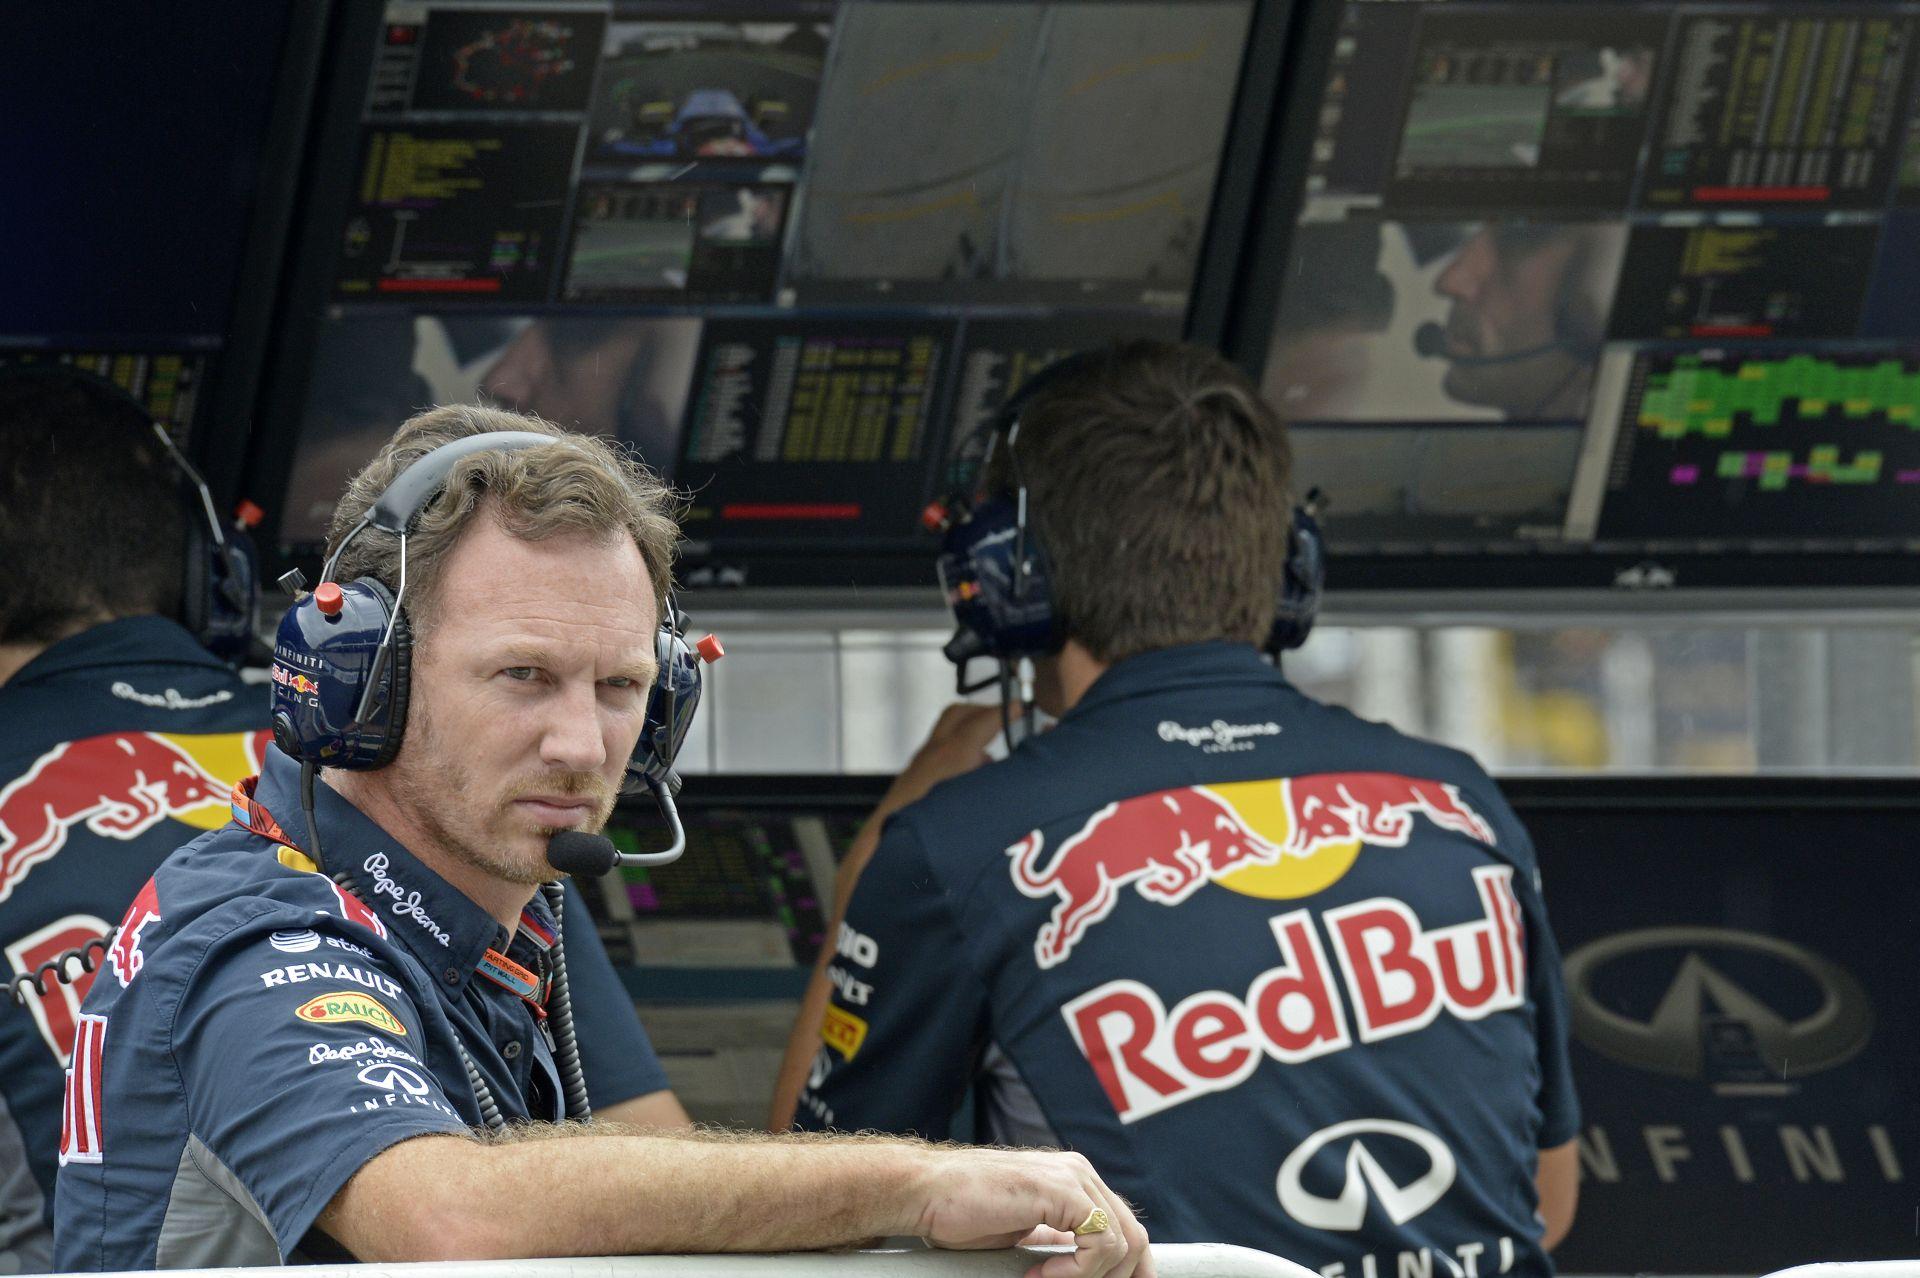 A Red Bull akár 2020-ig a Forma-1-ben maradhat - a HornerGP tehát egyelőre felejtős...